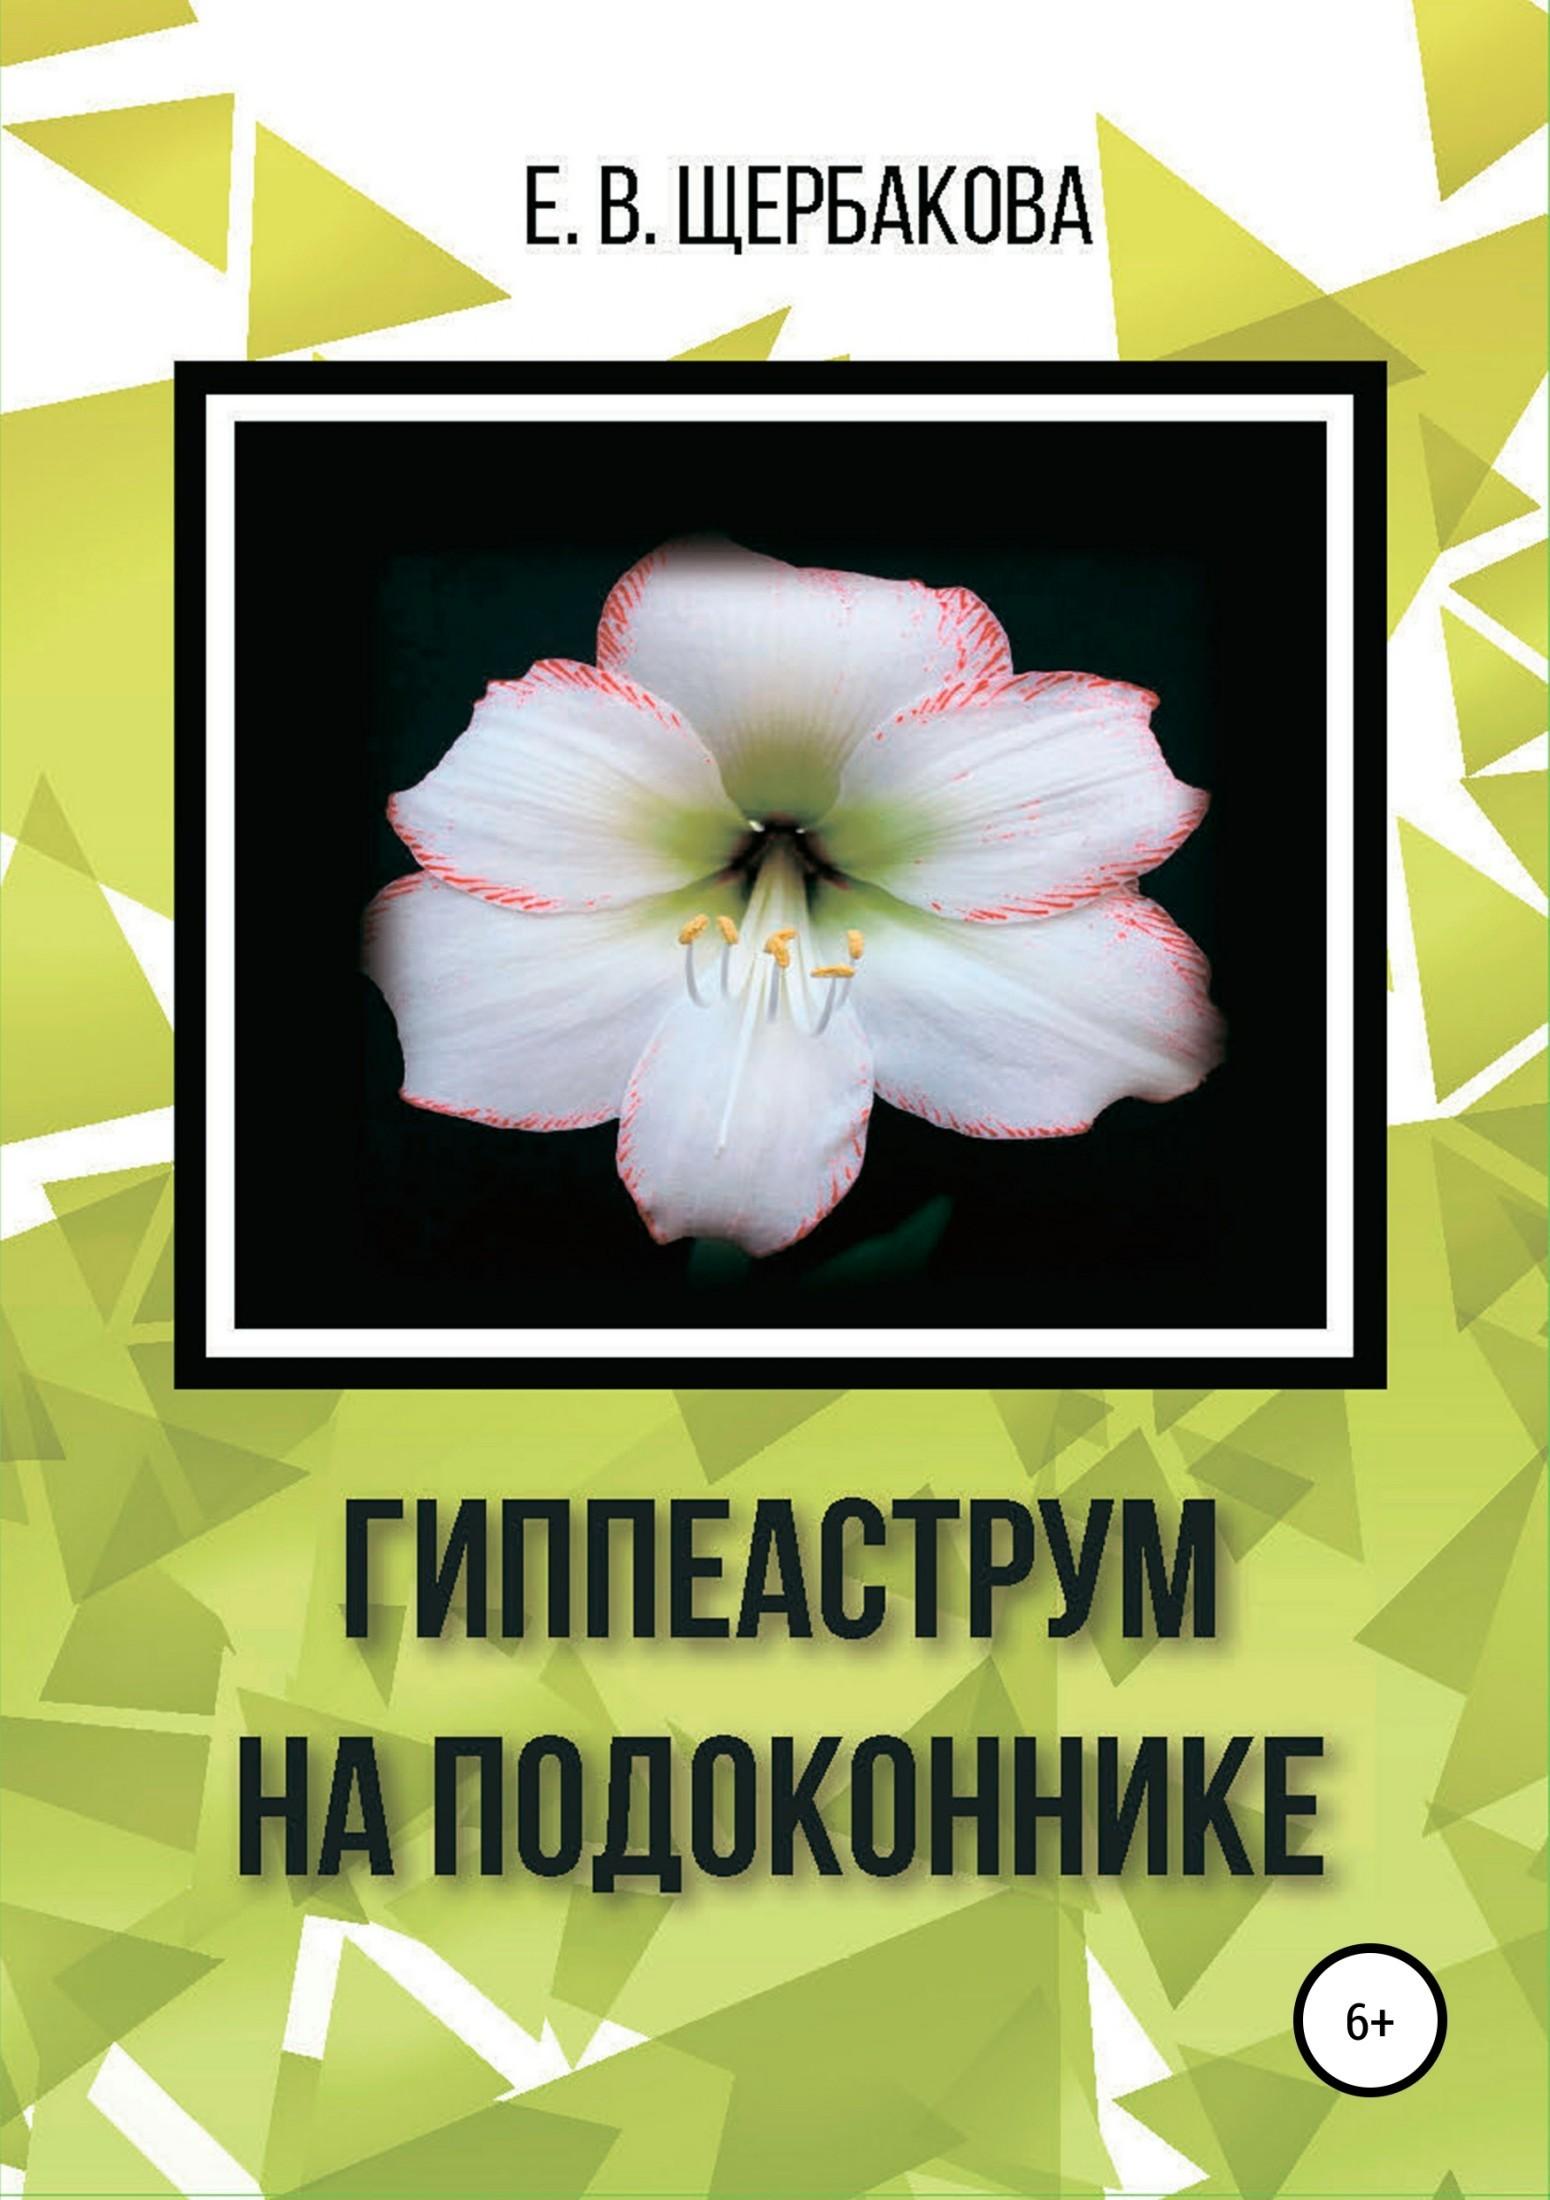 Елена Владимировна Щербакова Гиппеаструм на подоконнике